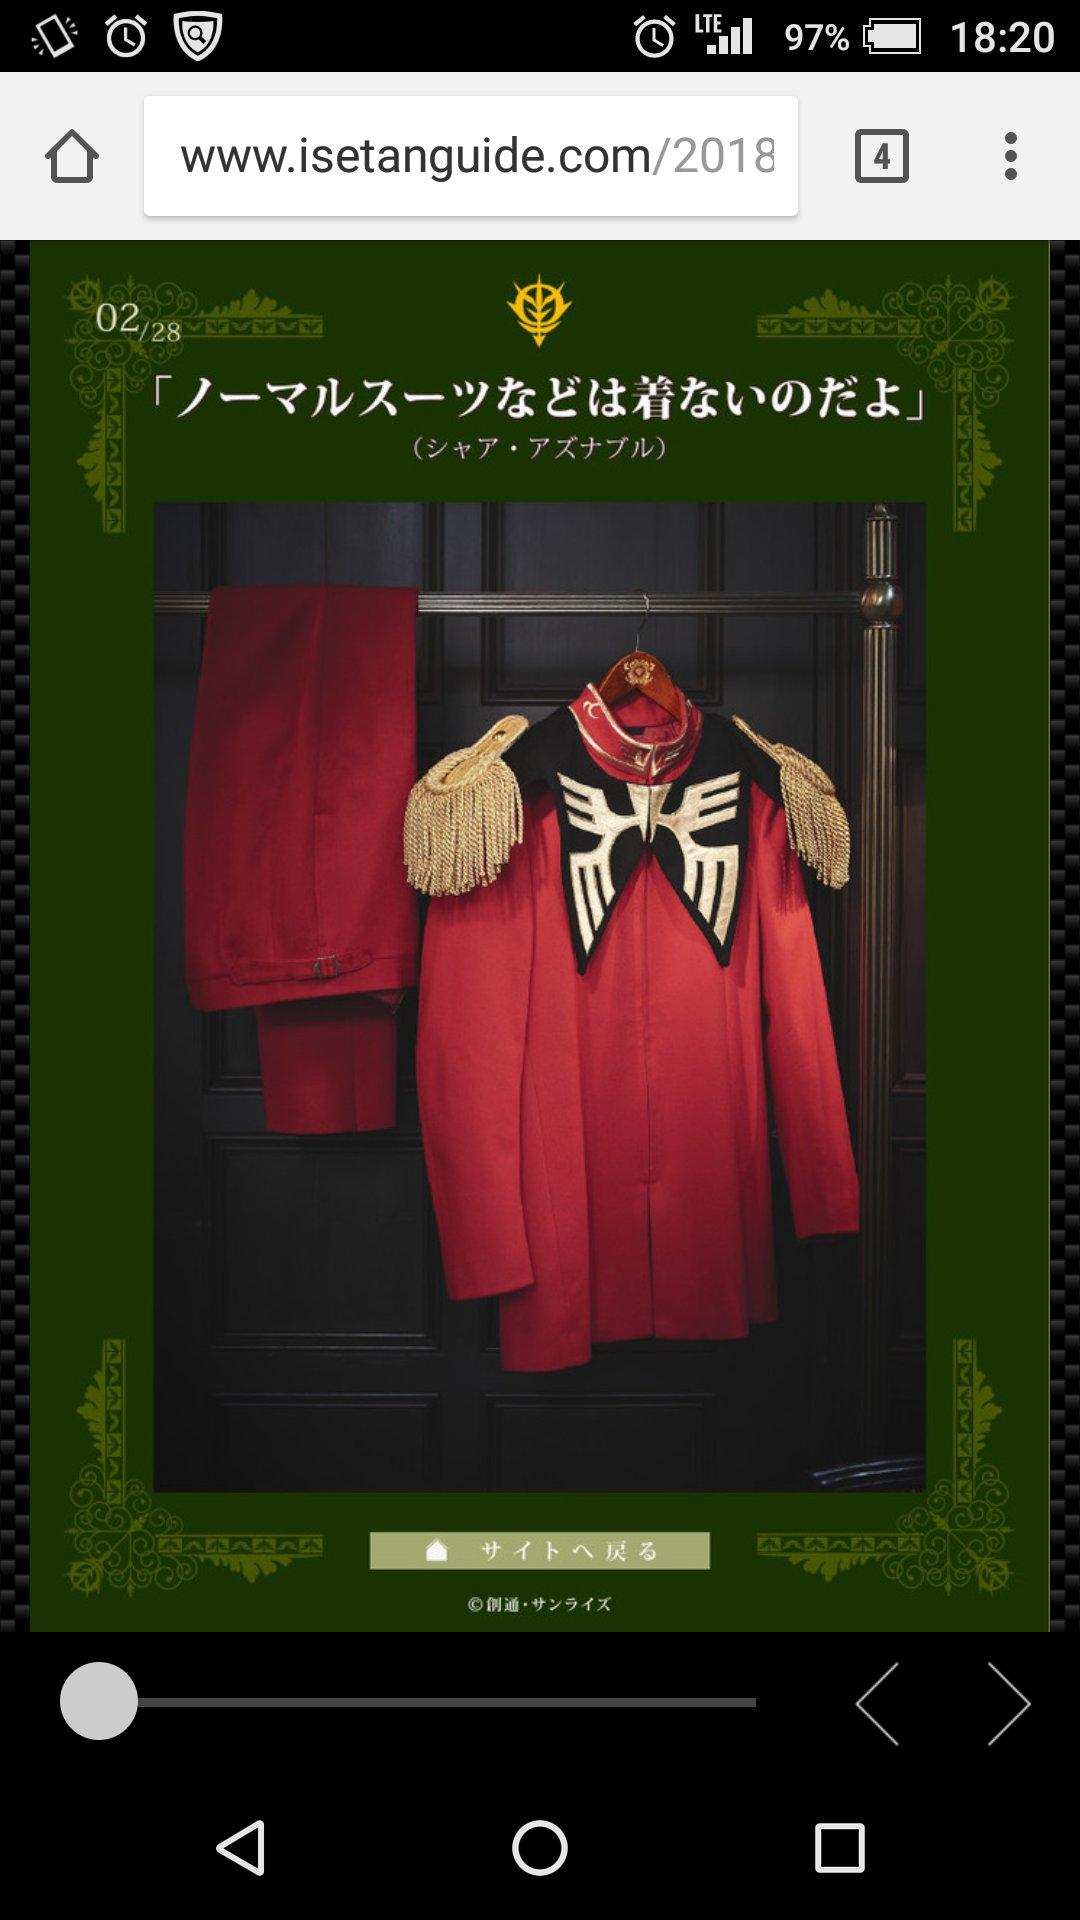 話題の画像プラスコスプレの域を超えたw伊勢丹でシャア専用の制服やブーツを限定販売www